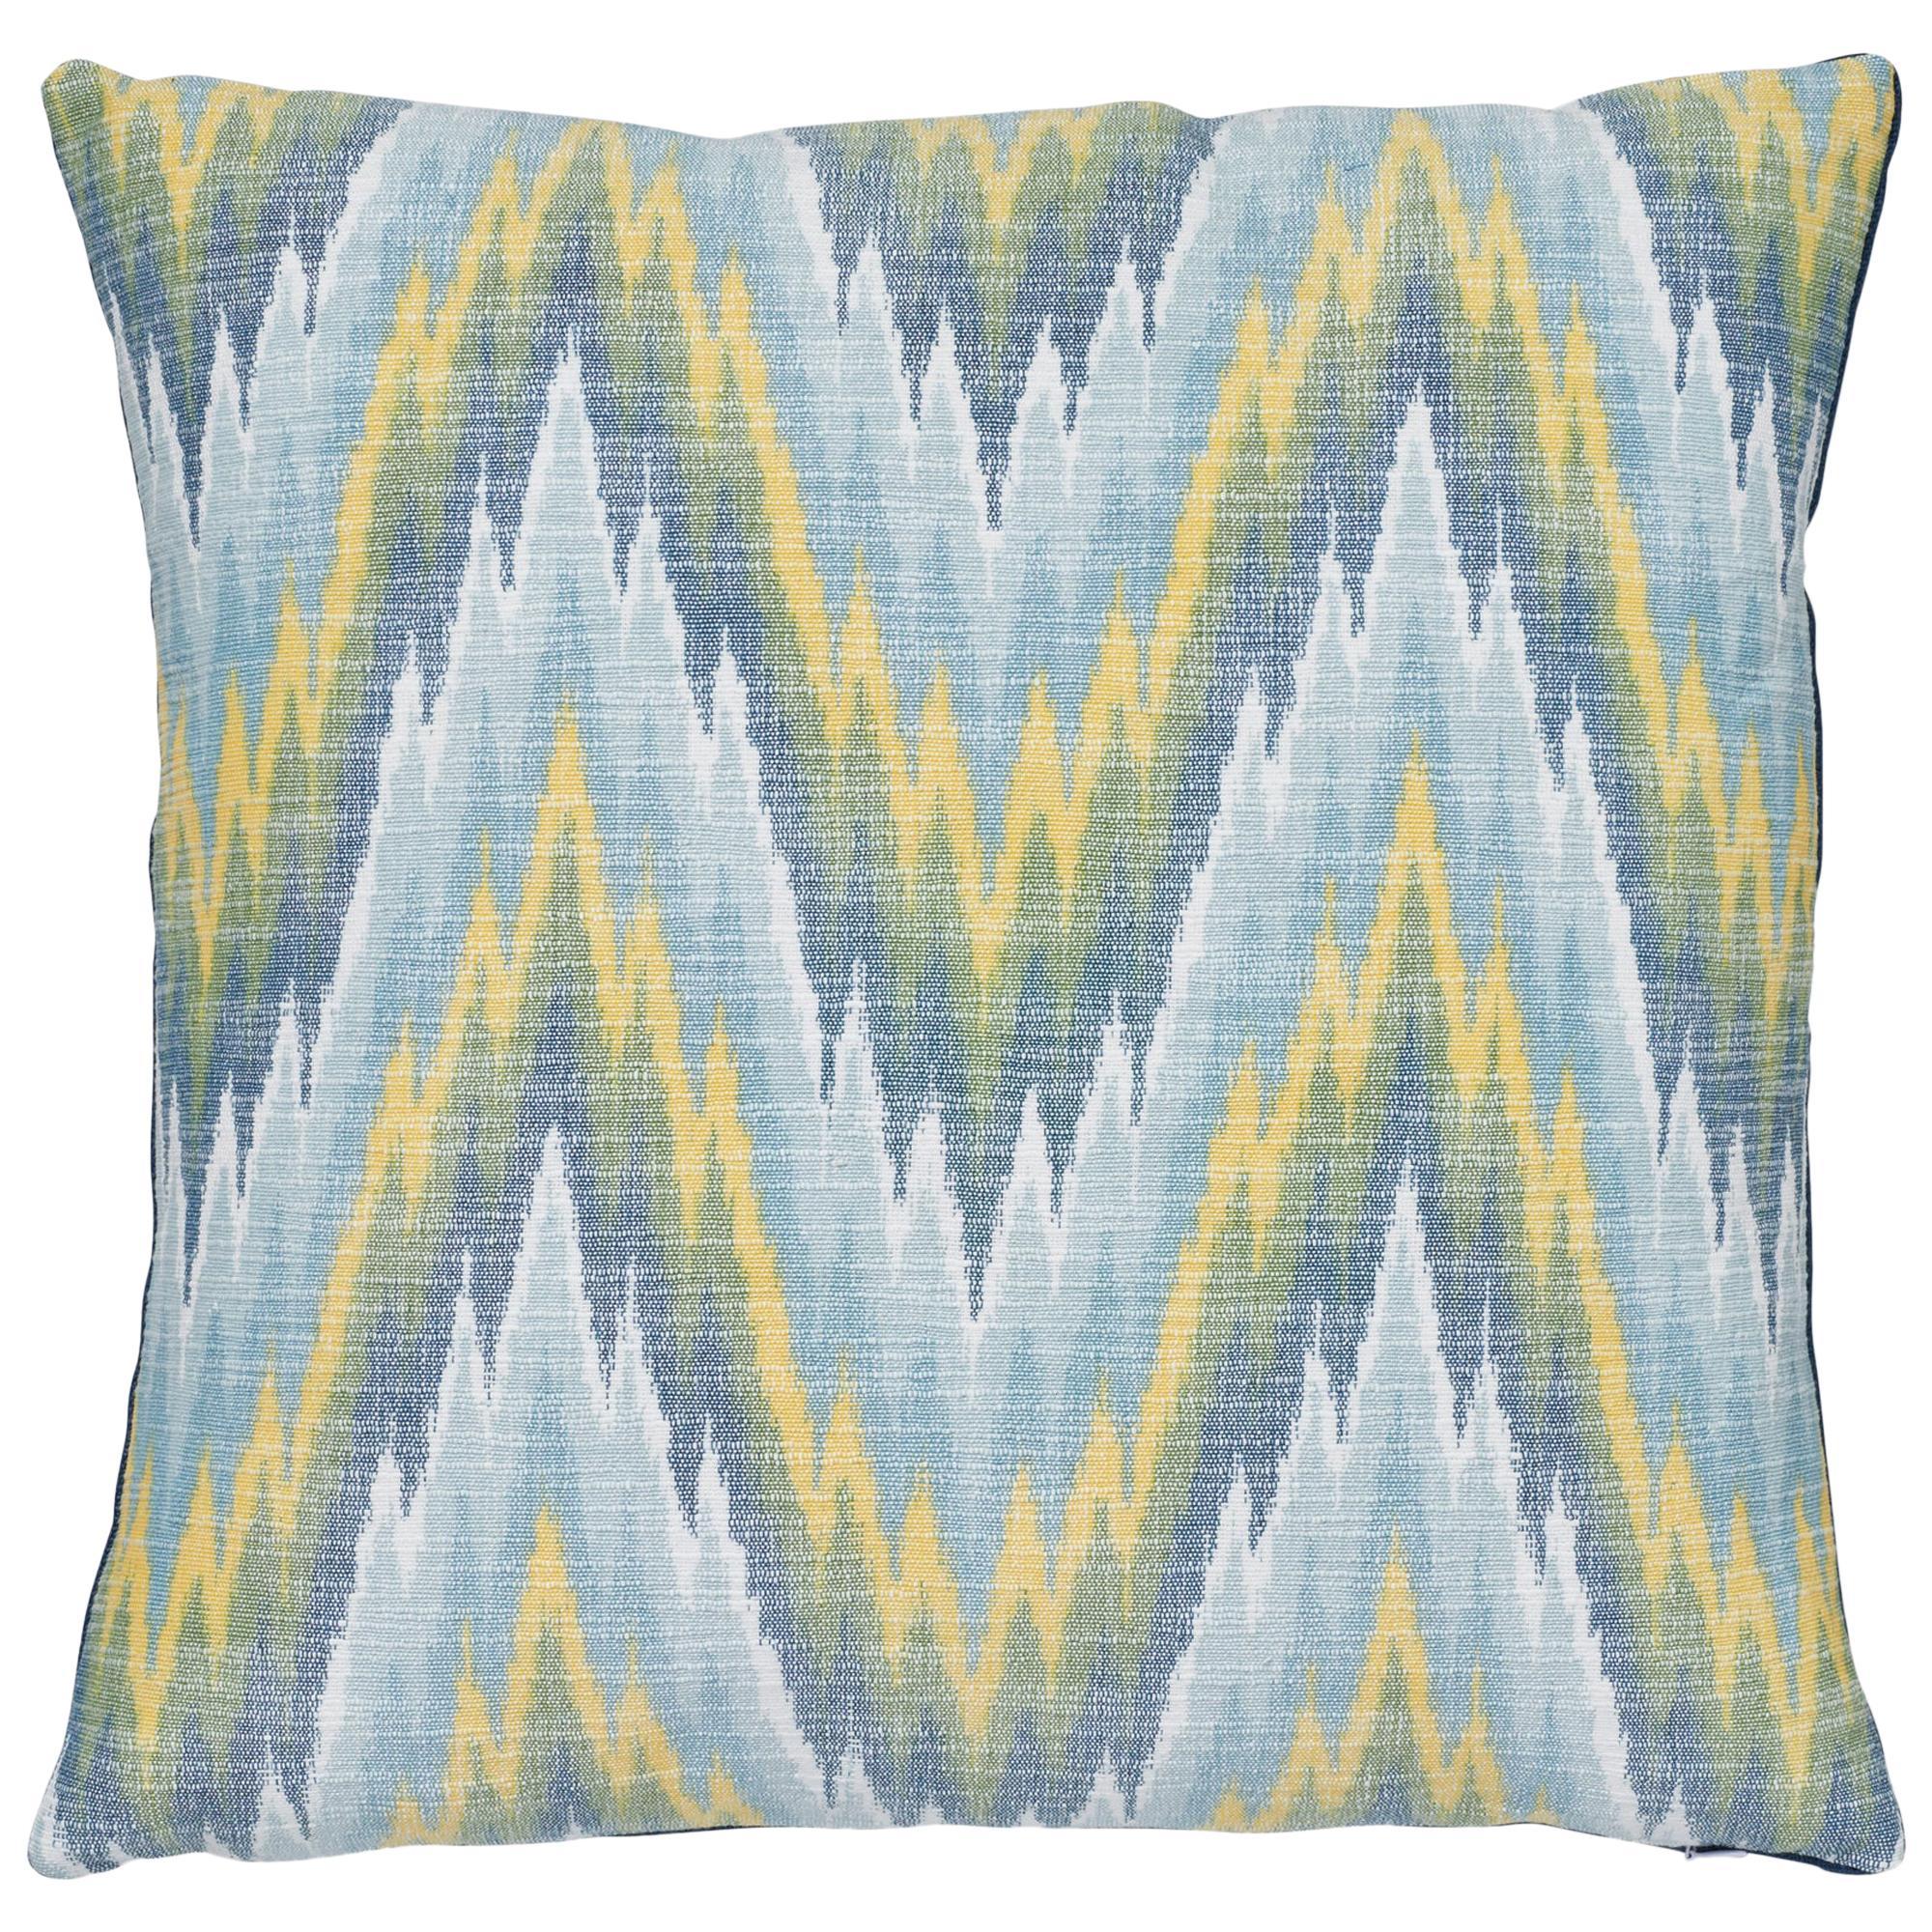 Schumacher Ibiza Flamestitch Pool Cotton Linen Pillow